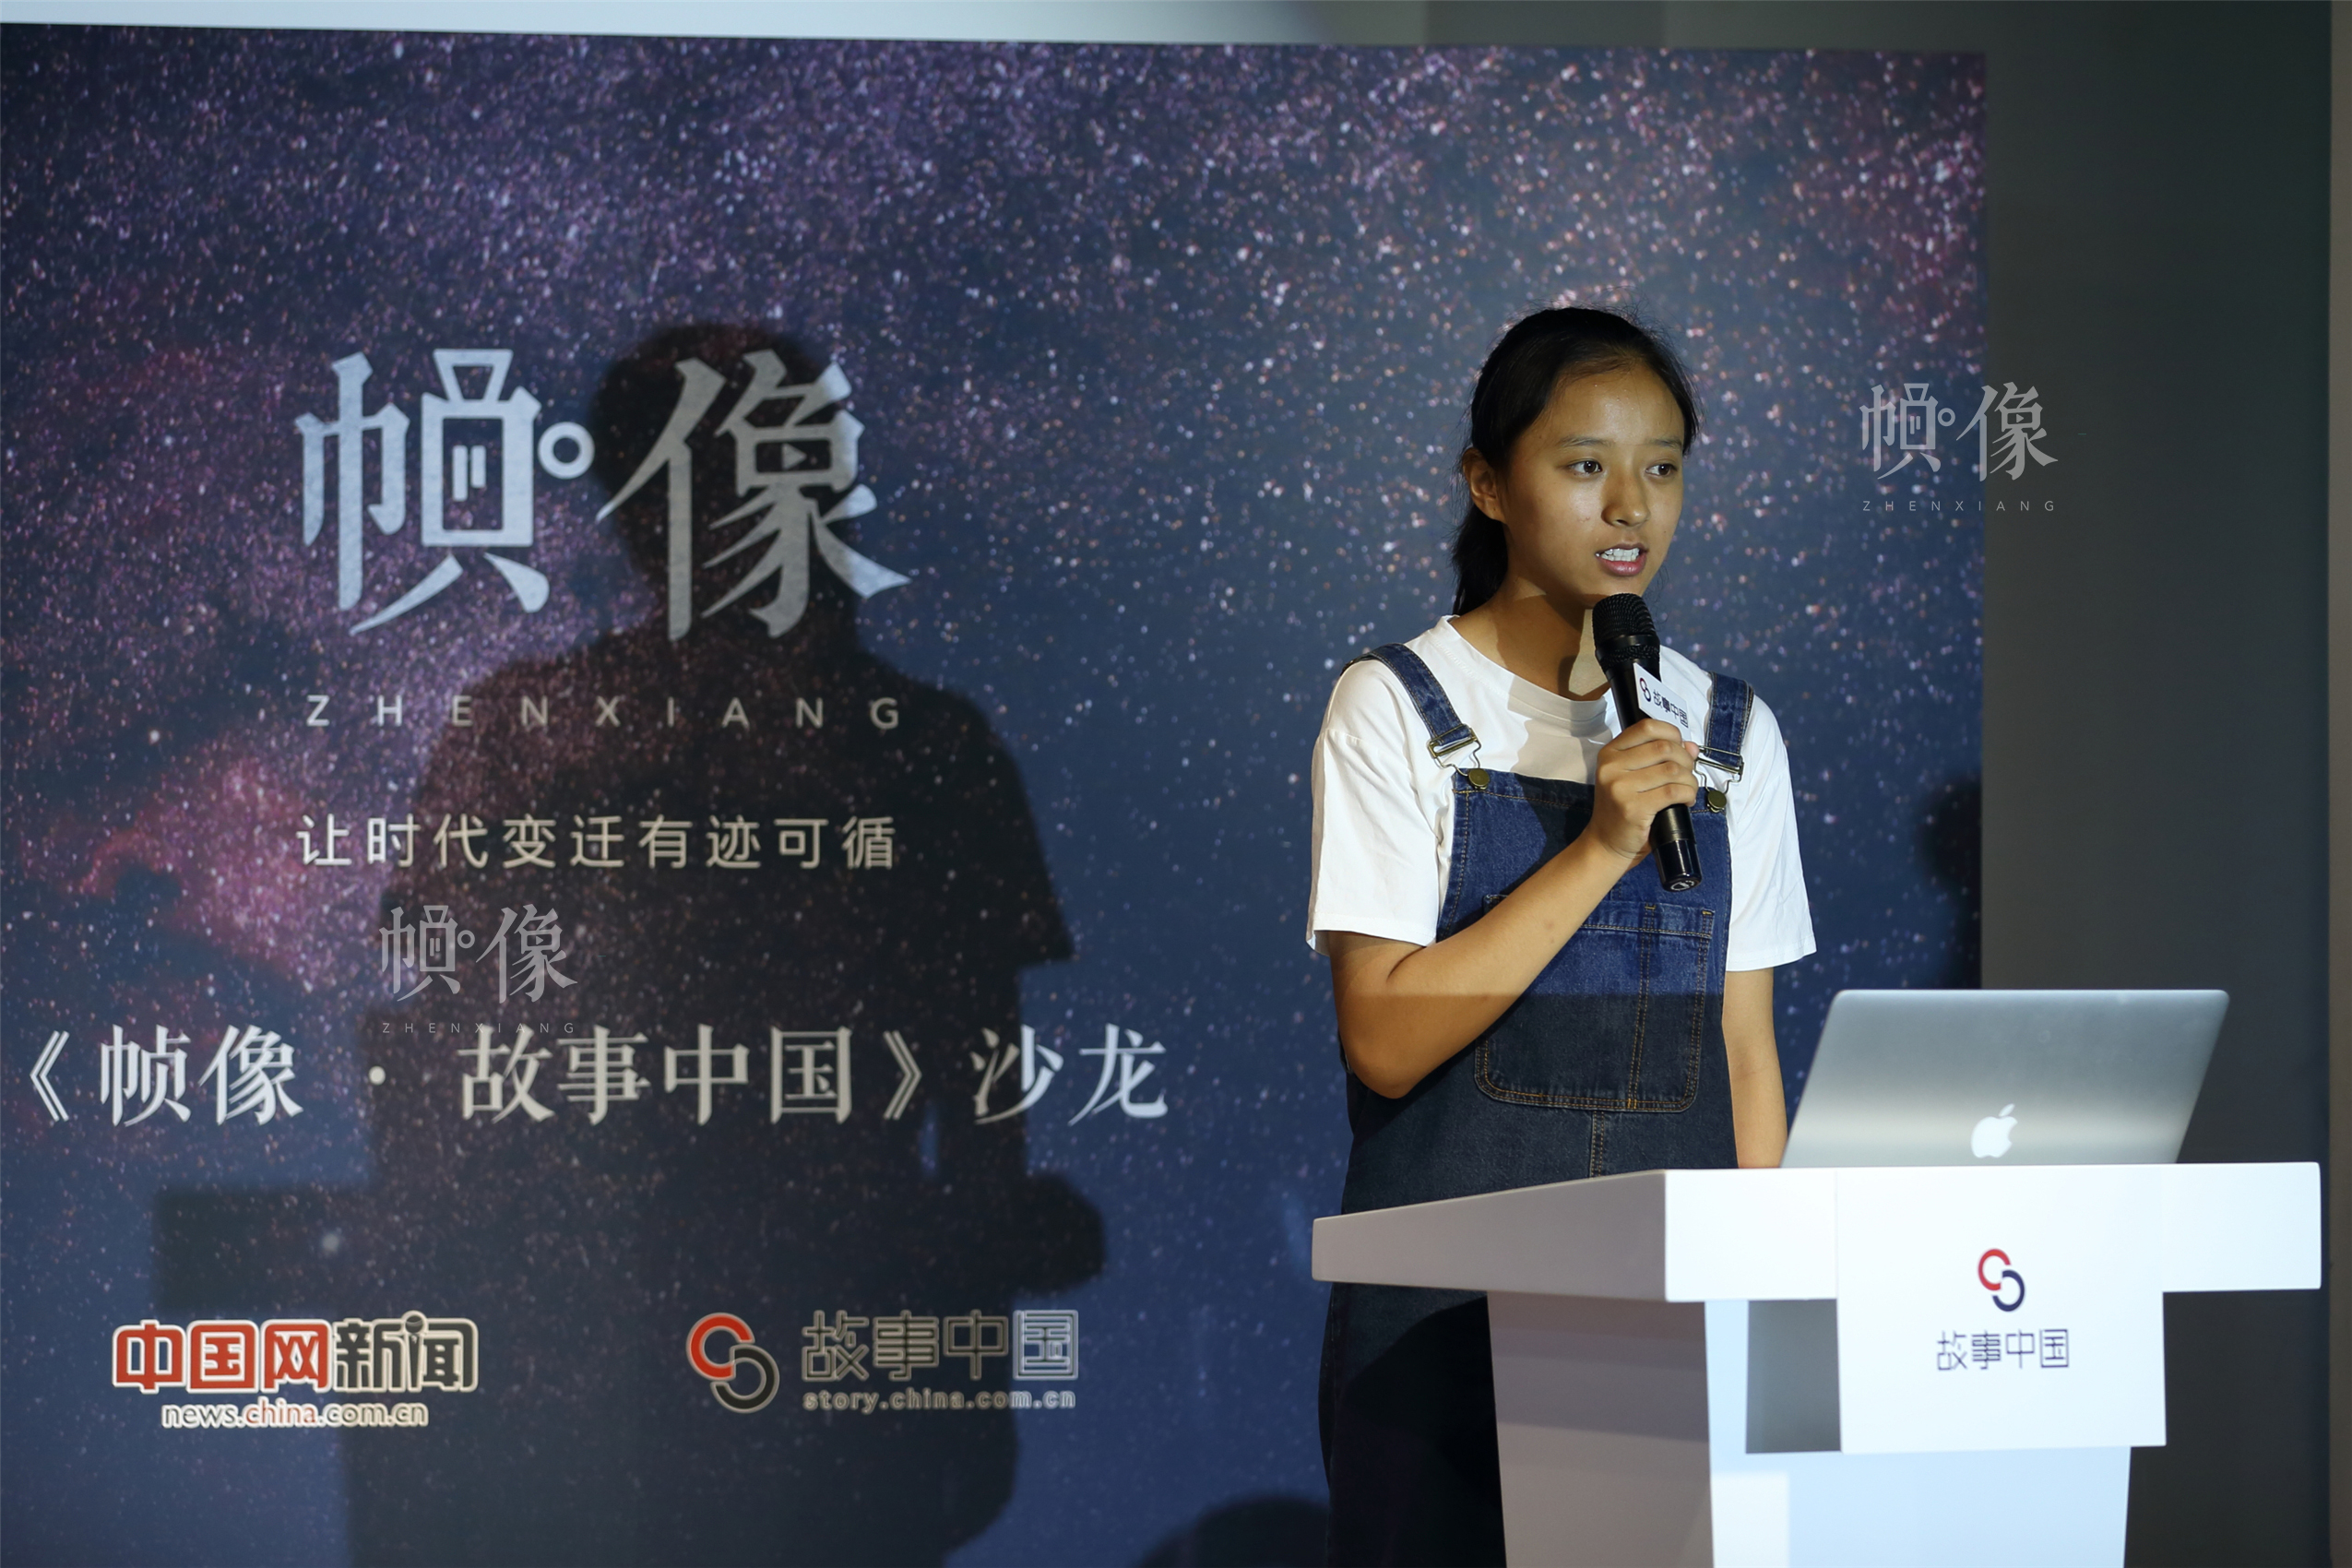 玉树00后女孩德乾尕毛分享经历。中国网记者 陈维松 摄